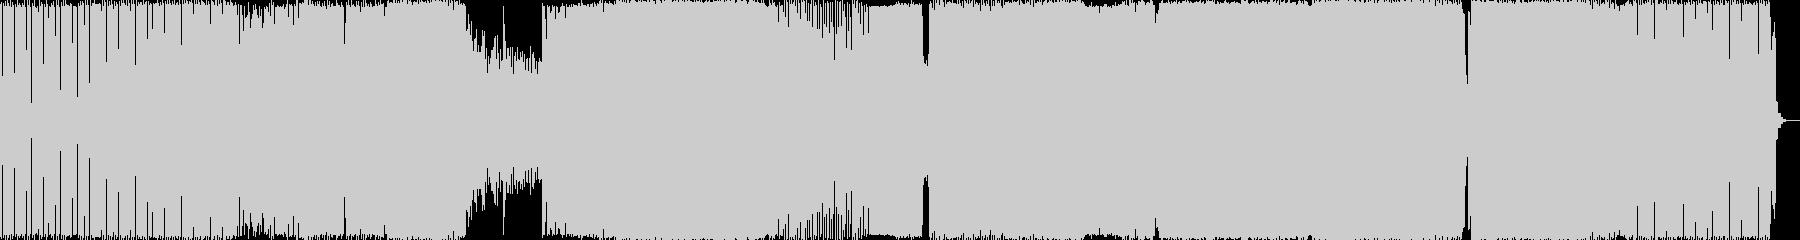 クラブ/トランス/プログレッシブの未再生の波形